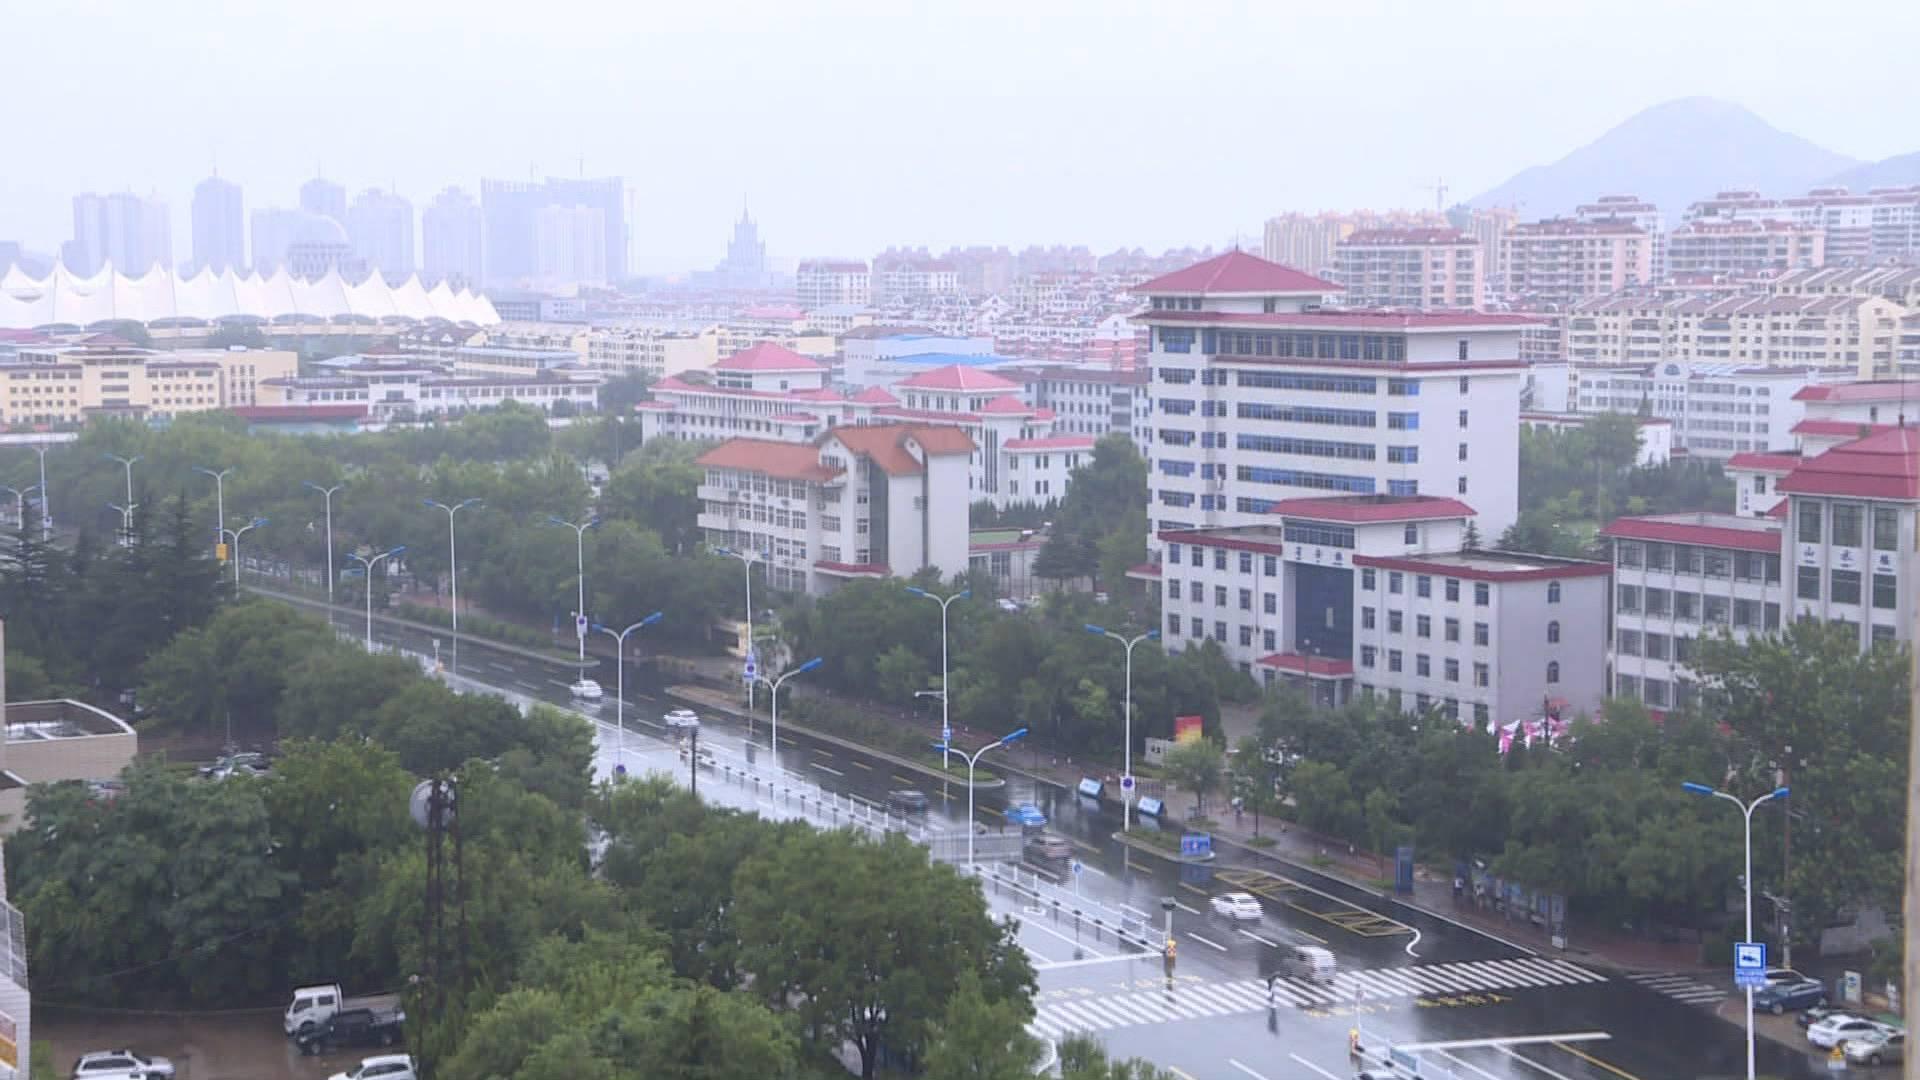 海丽气象吧|国庆期间山东先下3天雨再降温 5日6日内陆最低气温6-8℃